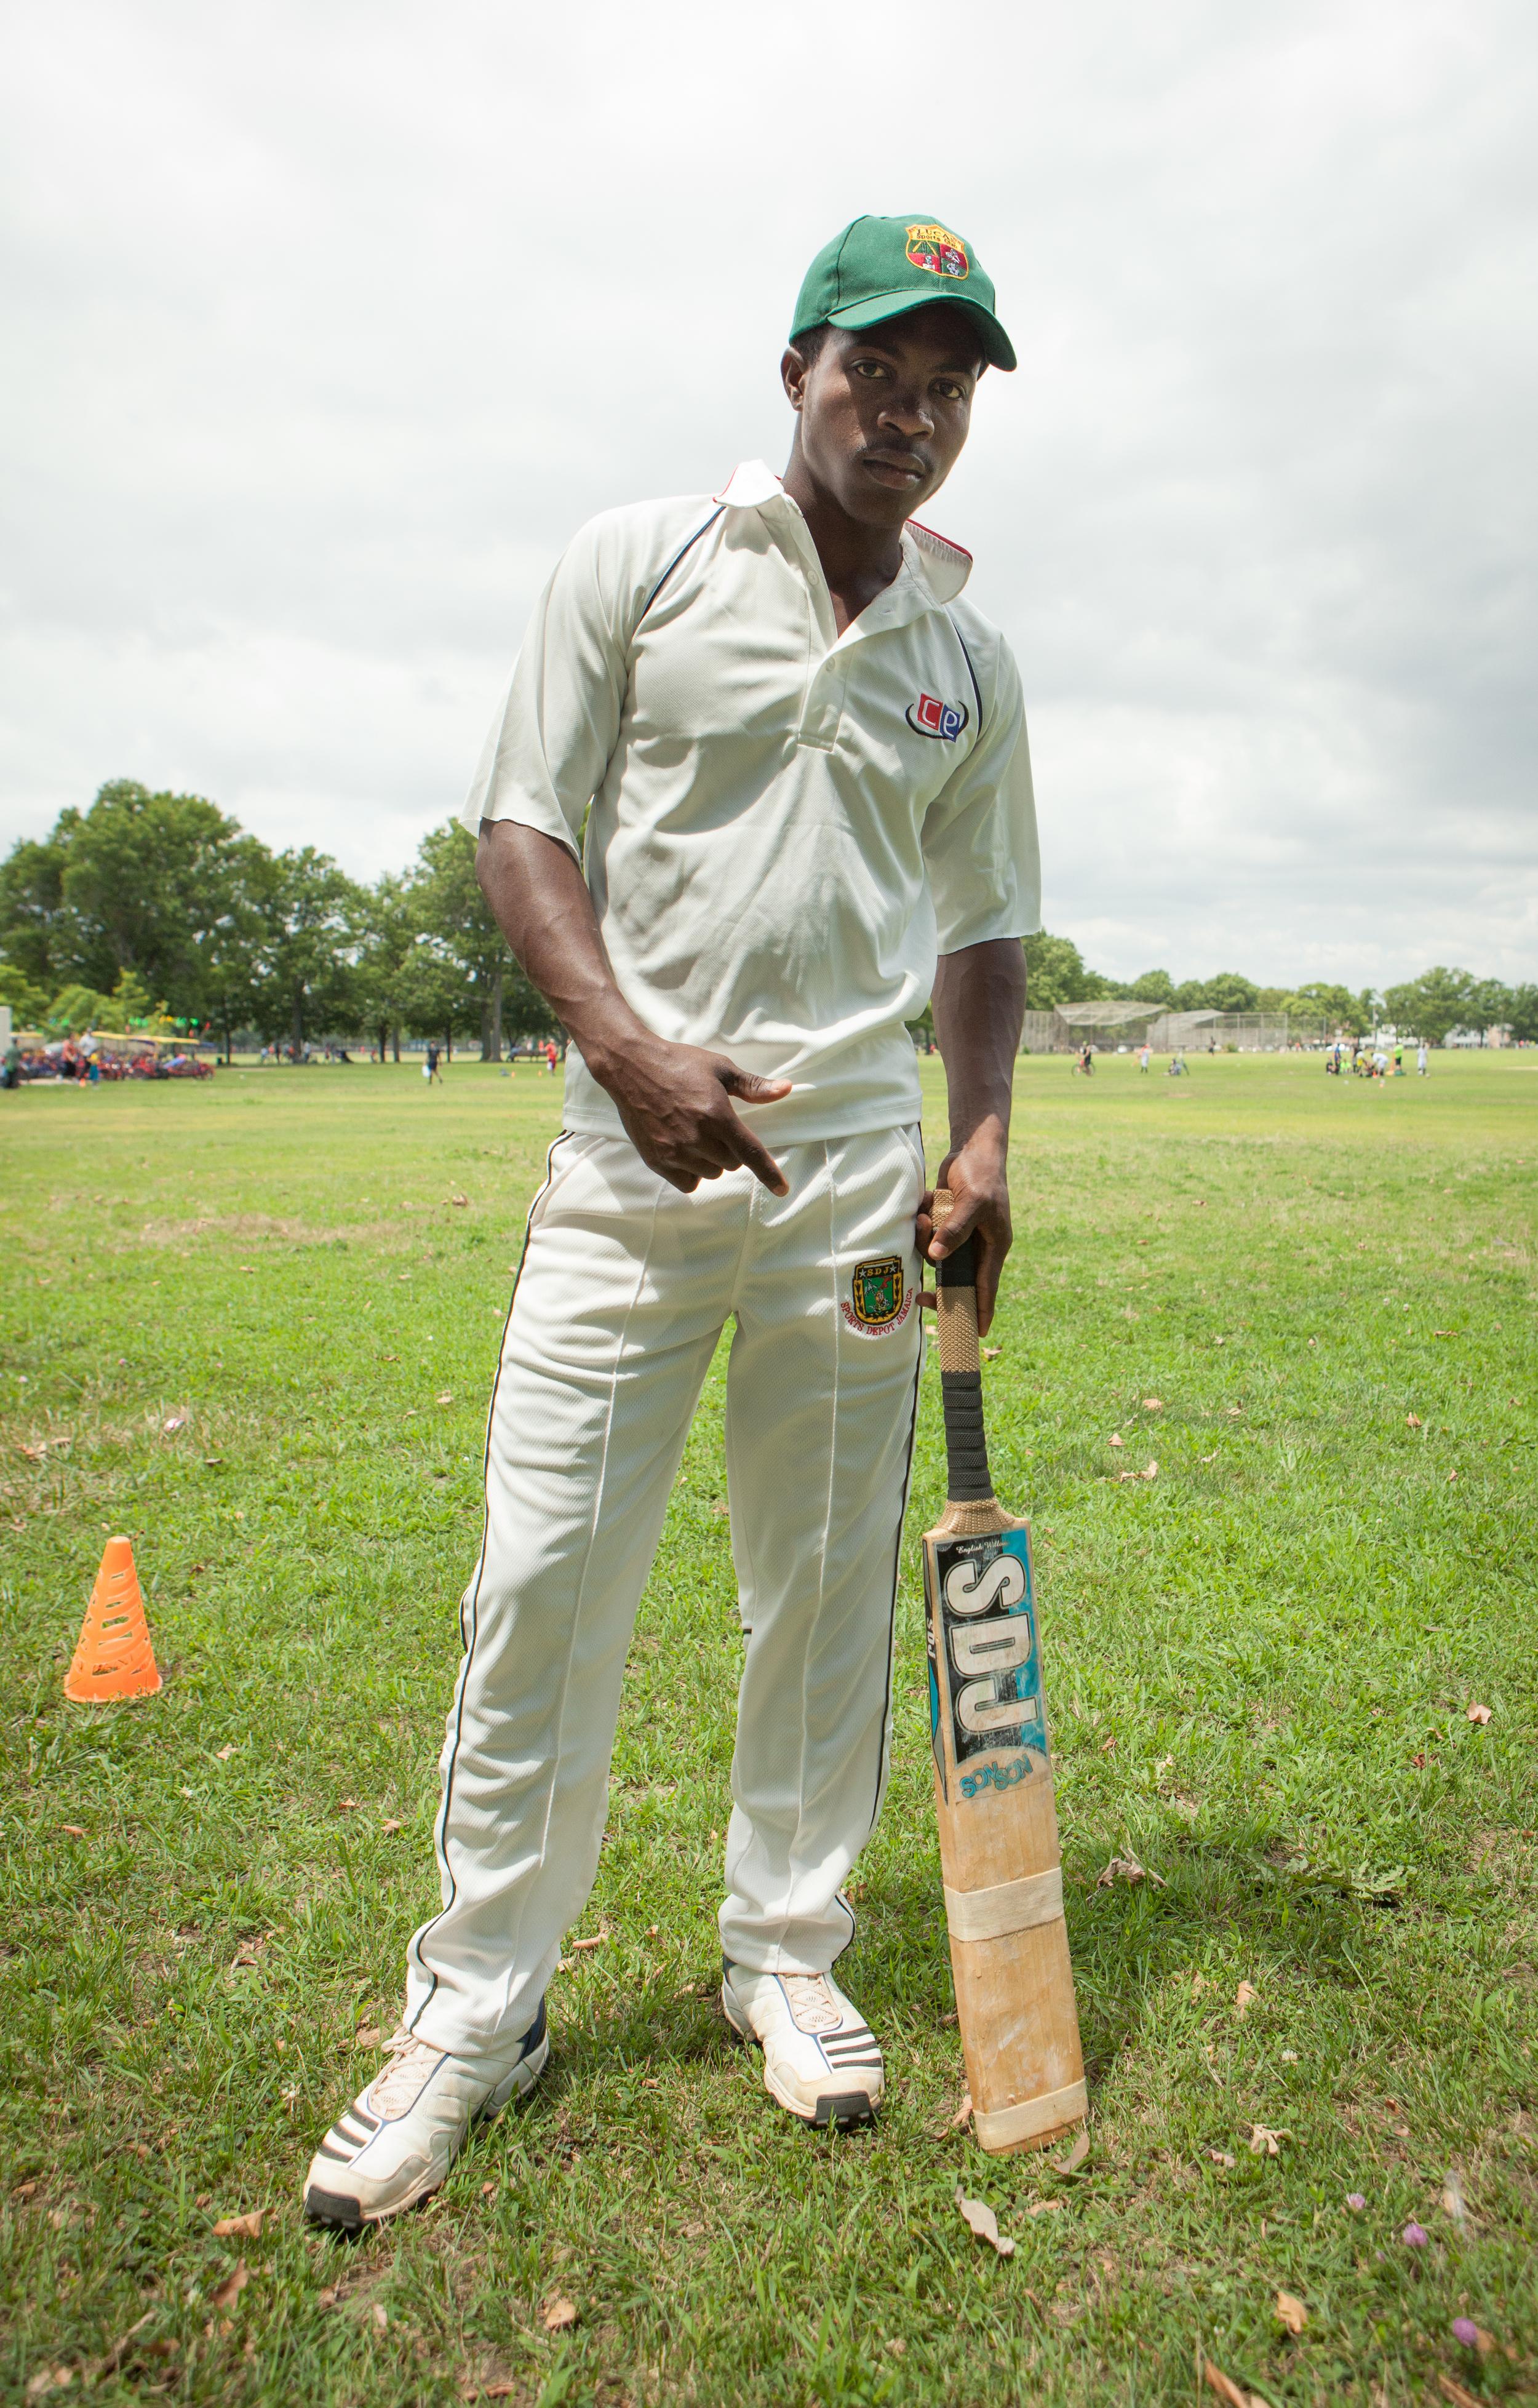 BKLYNR-Cricket-JasonBergman-005.jpg